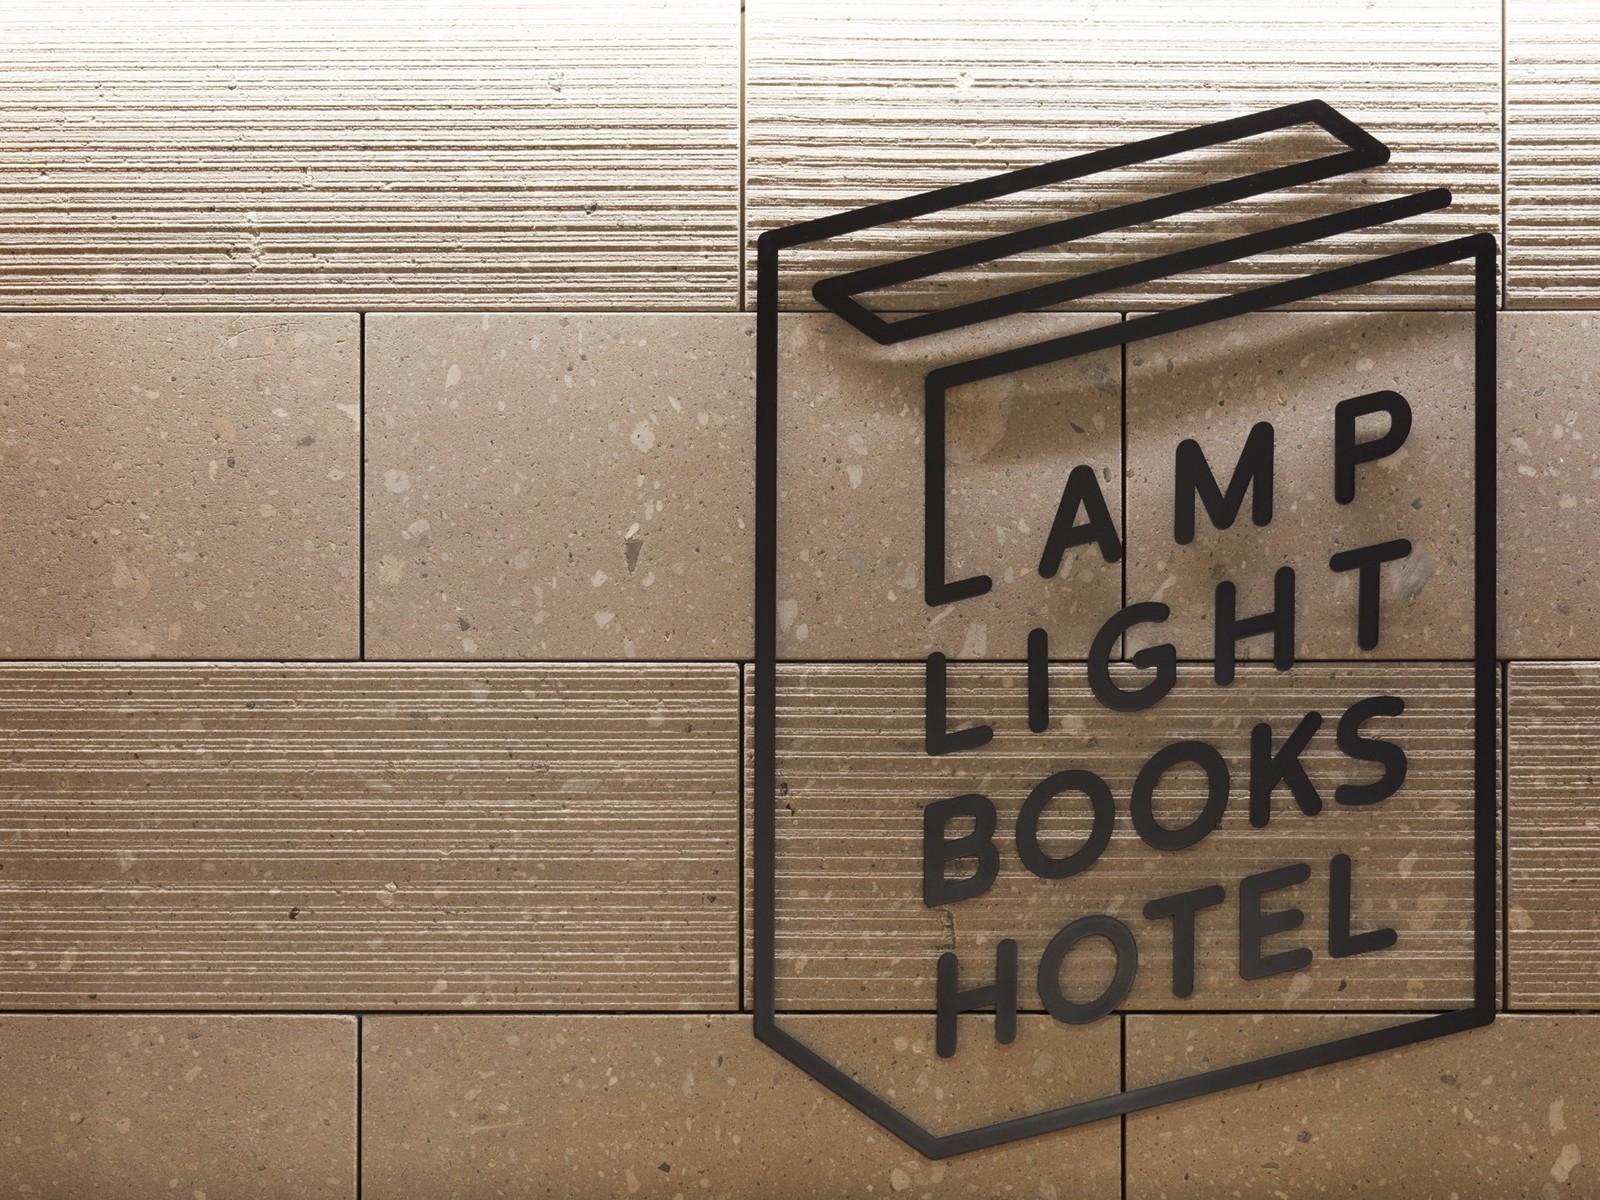 ランプライトブックスホテル札幌 29時間ロングステイ 《素泊り》 15時in~20時out / テレワークにも♪